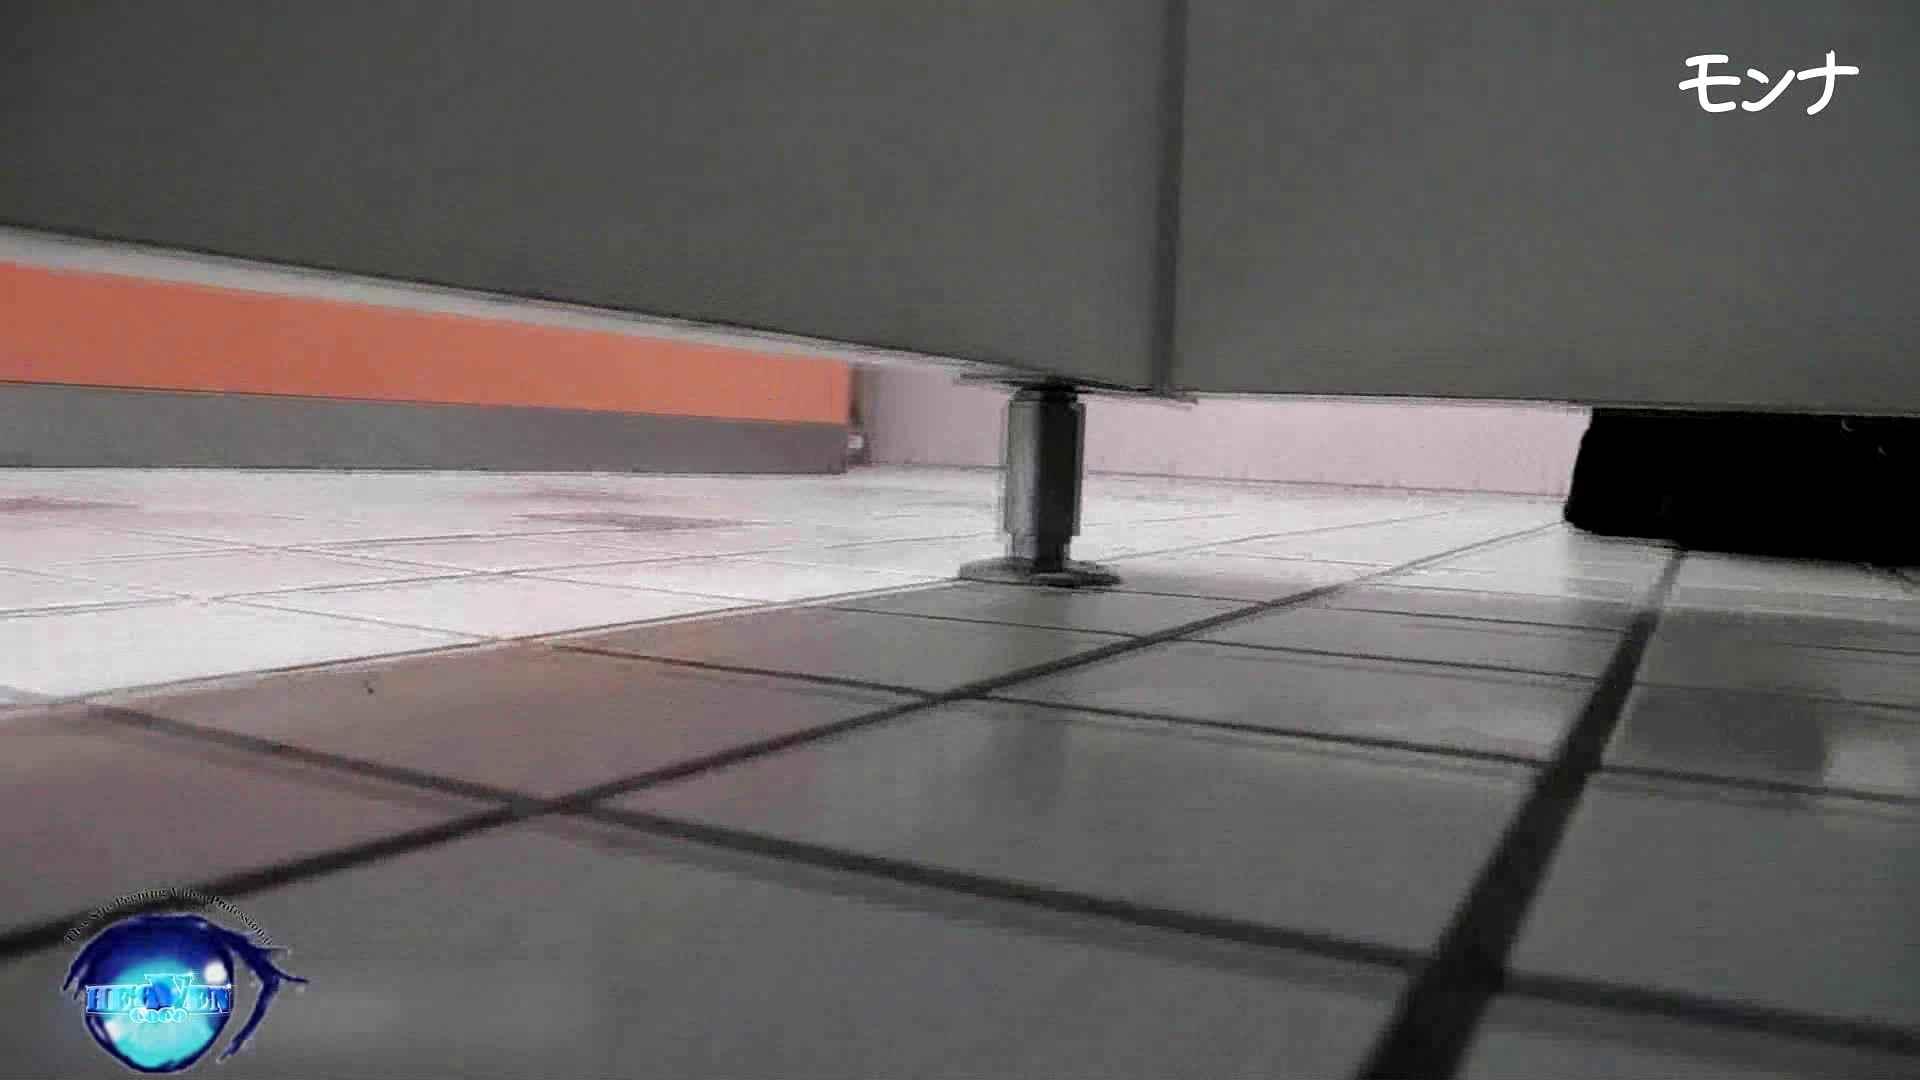 【美しい日本の未来】美しい日本の未来 No.82たまらない丸み、今度またハプニング起きる ハプニング ワレメ無修正動画無料 85画像 18